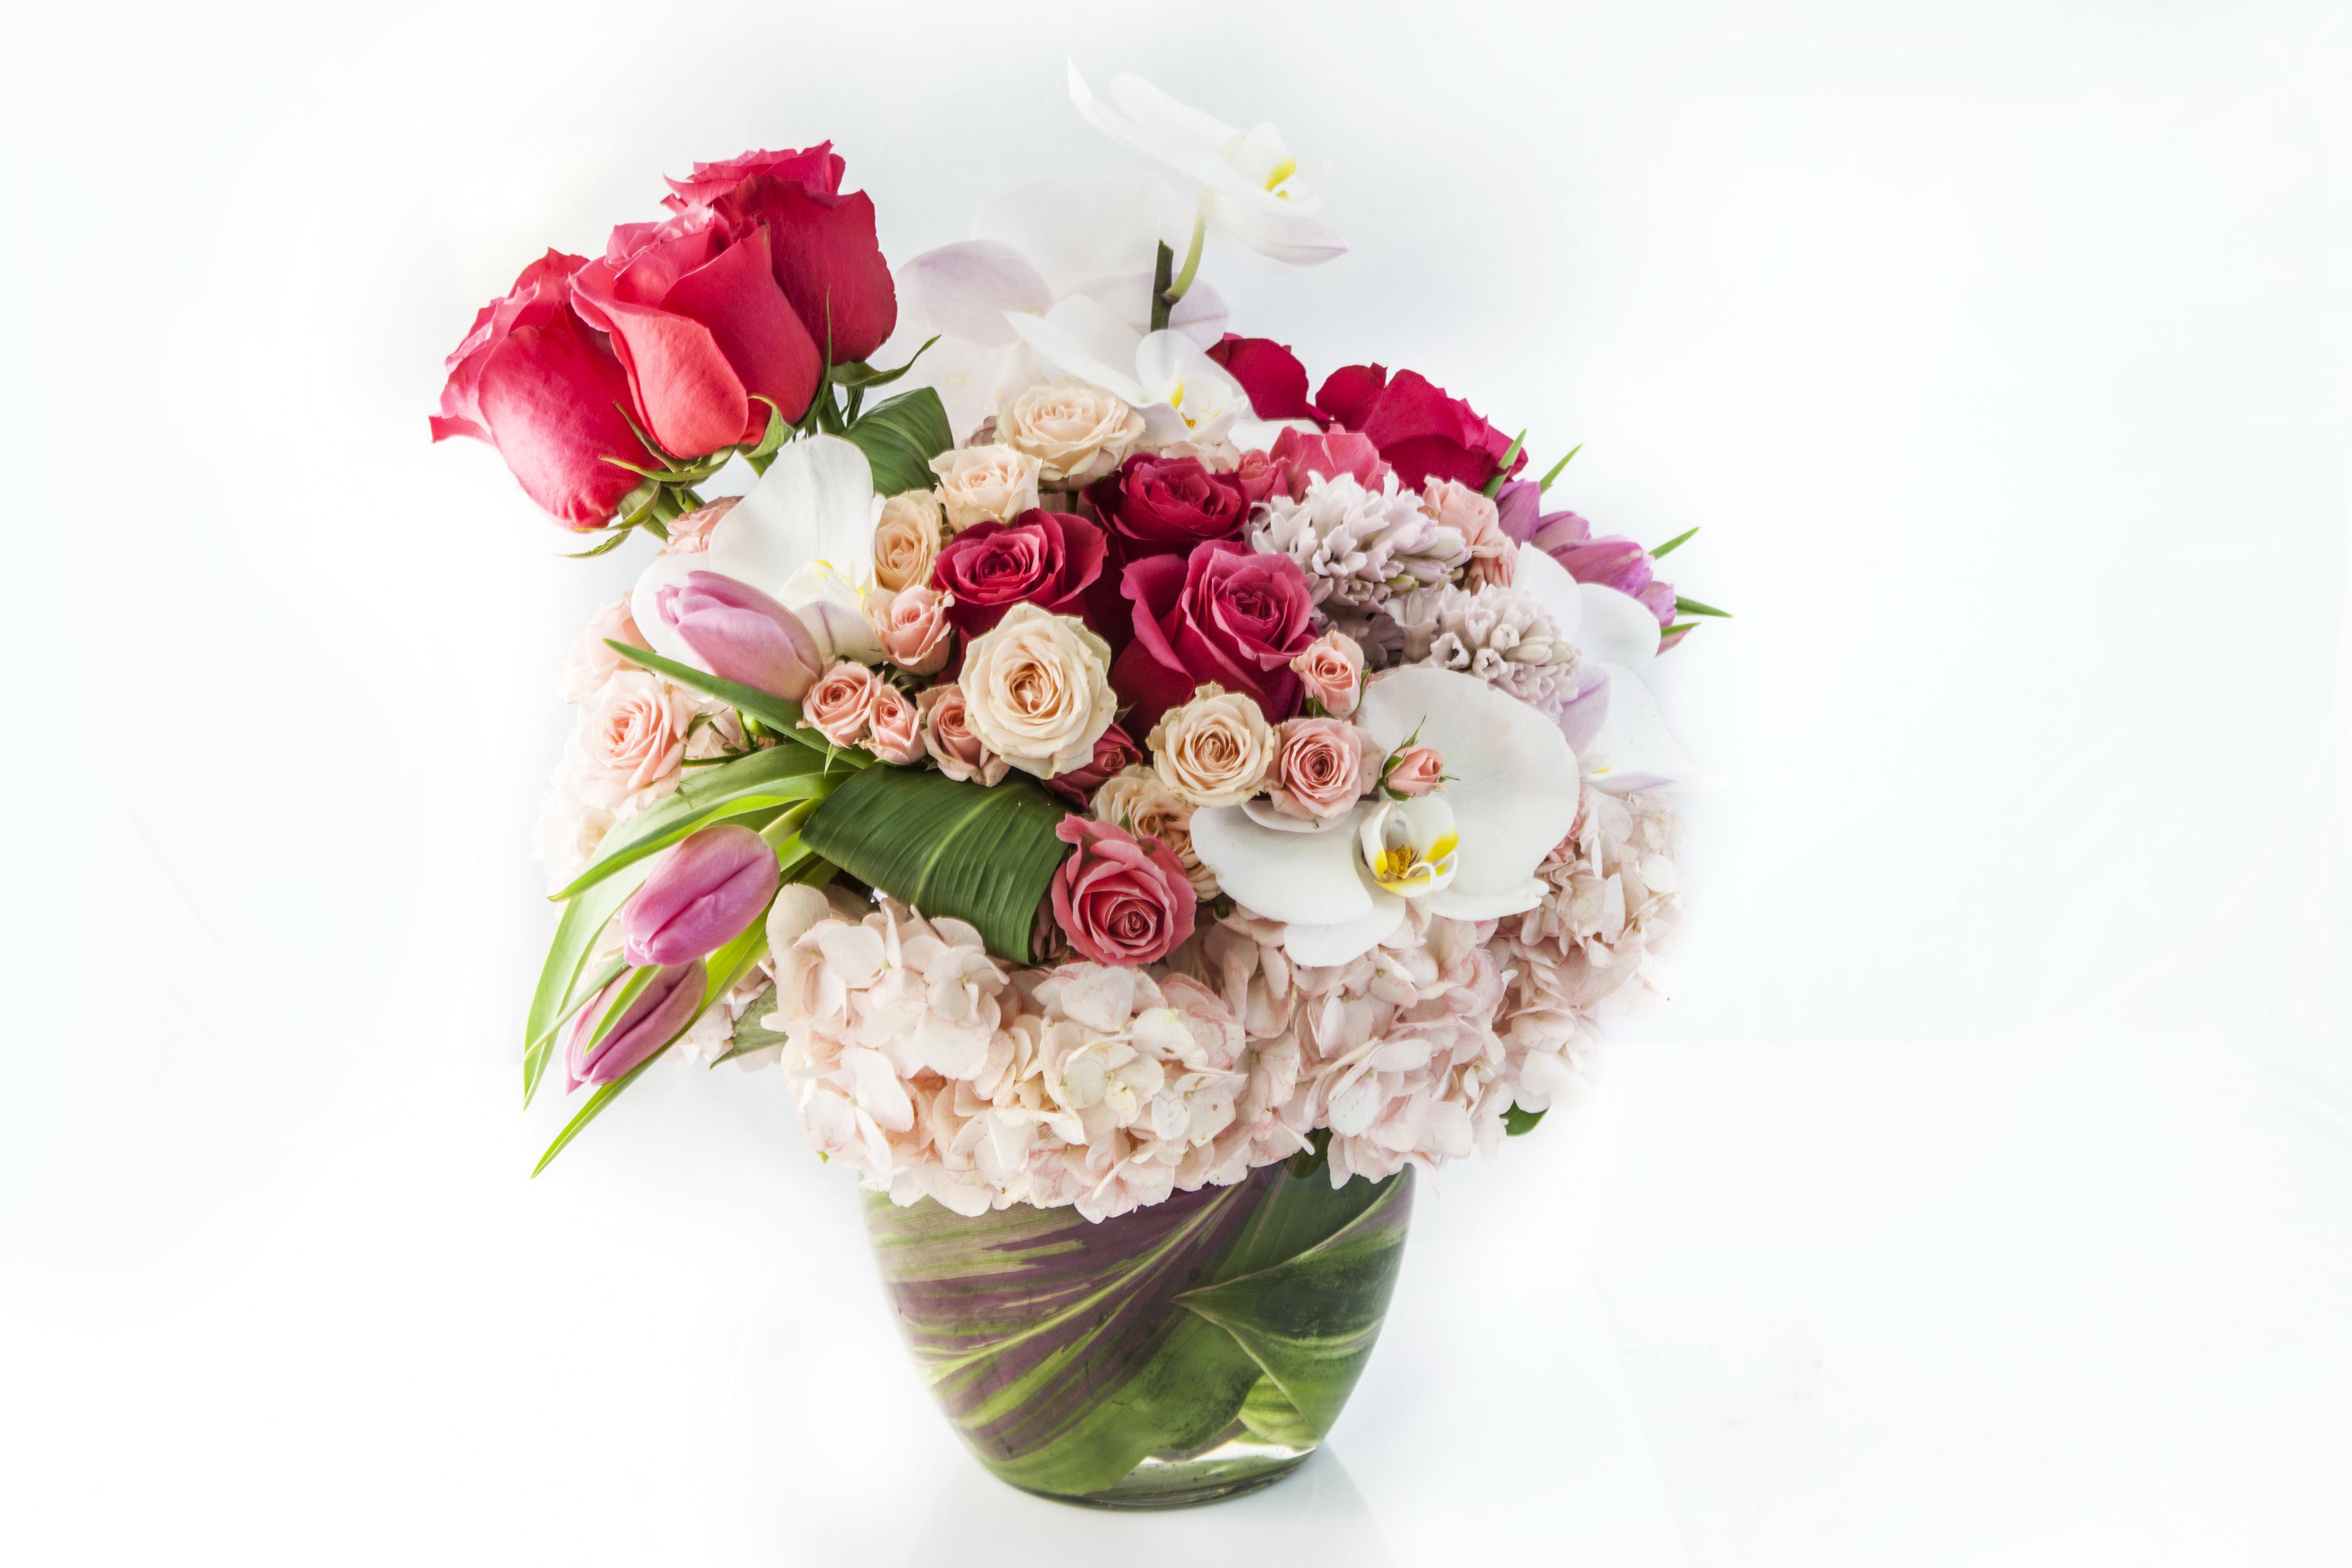 Фото Букеты Розы Орхидеи Цветы Гортензия Белый фон 4500x3000